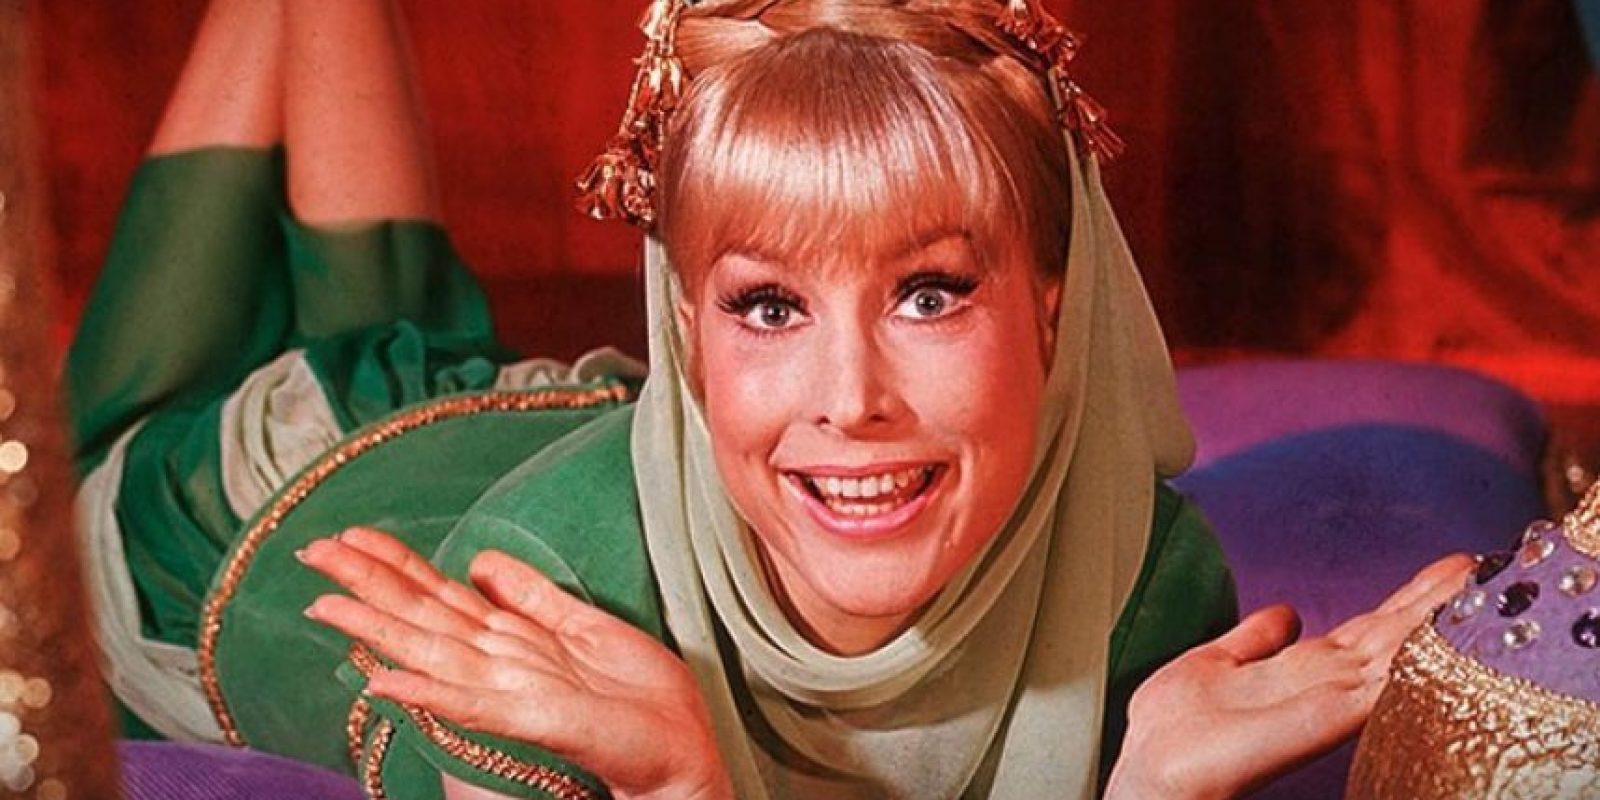 Jeannie (Barbara Eden) : La actriz con más de 50 años de carrera artística no solo triunfó interpretando a Jeannie, sino que consolidó su fama en diferentes películas y series de televisión. Actualmente tiene 83 años Foto:NBC